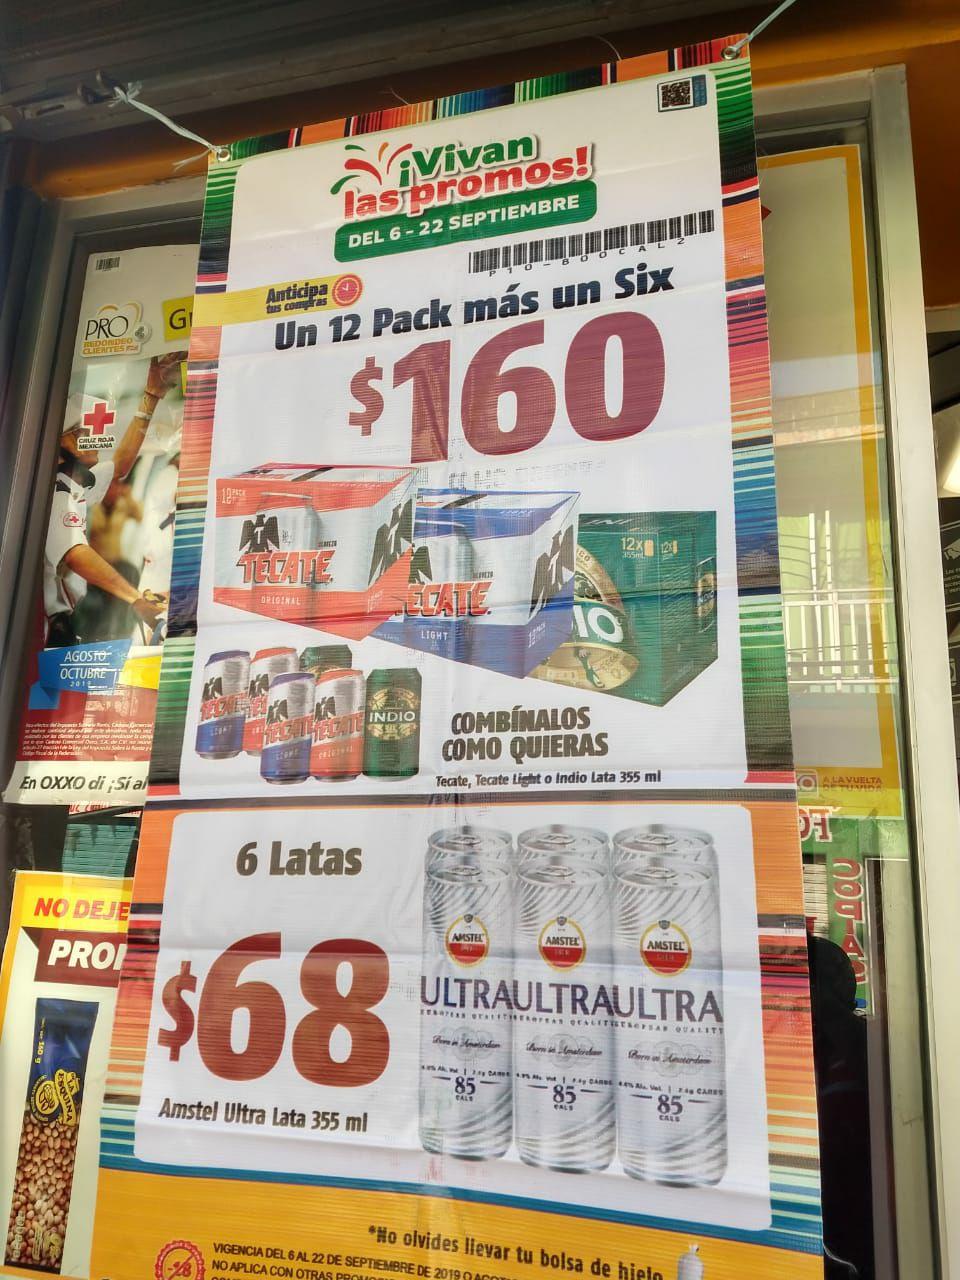 Oxxo Agua Dulce: 12-Pack mas 6-pack de Tecate o Indio